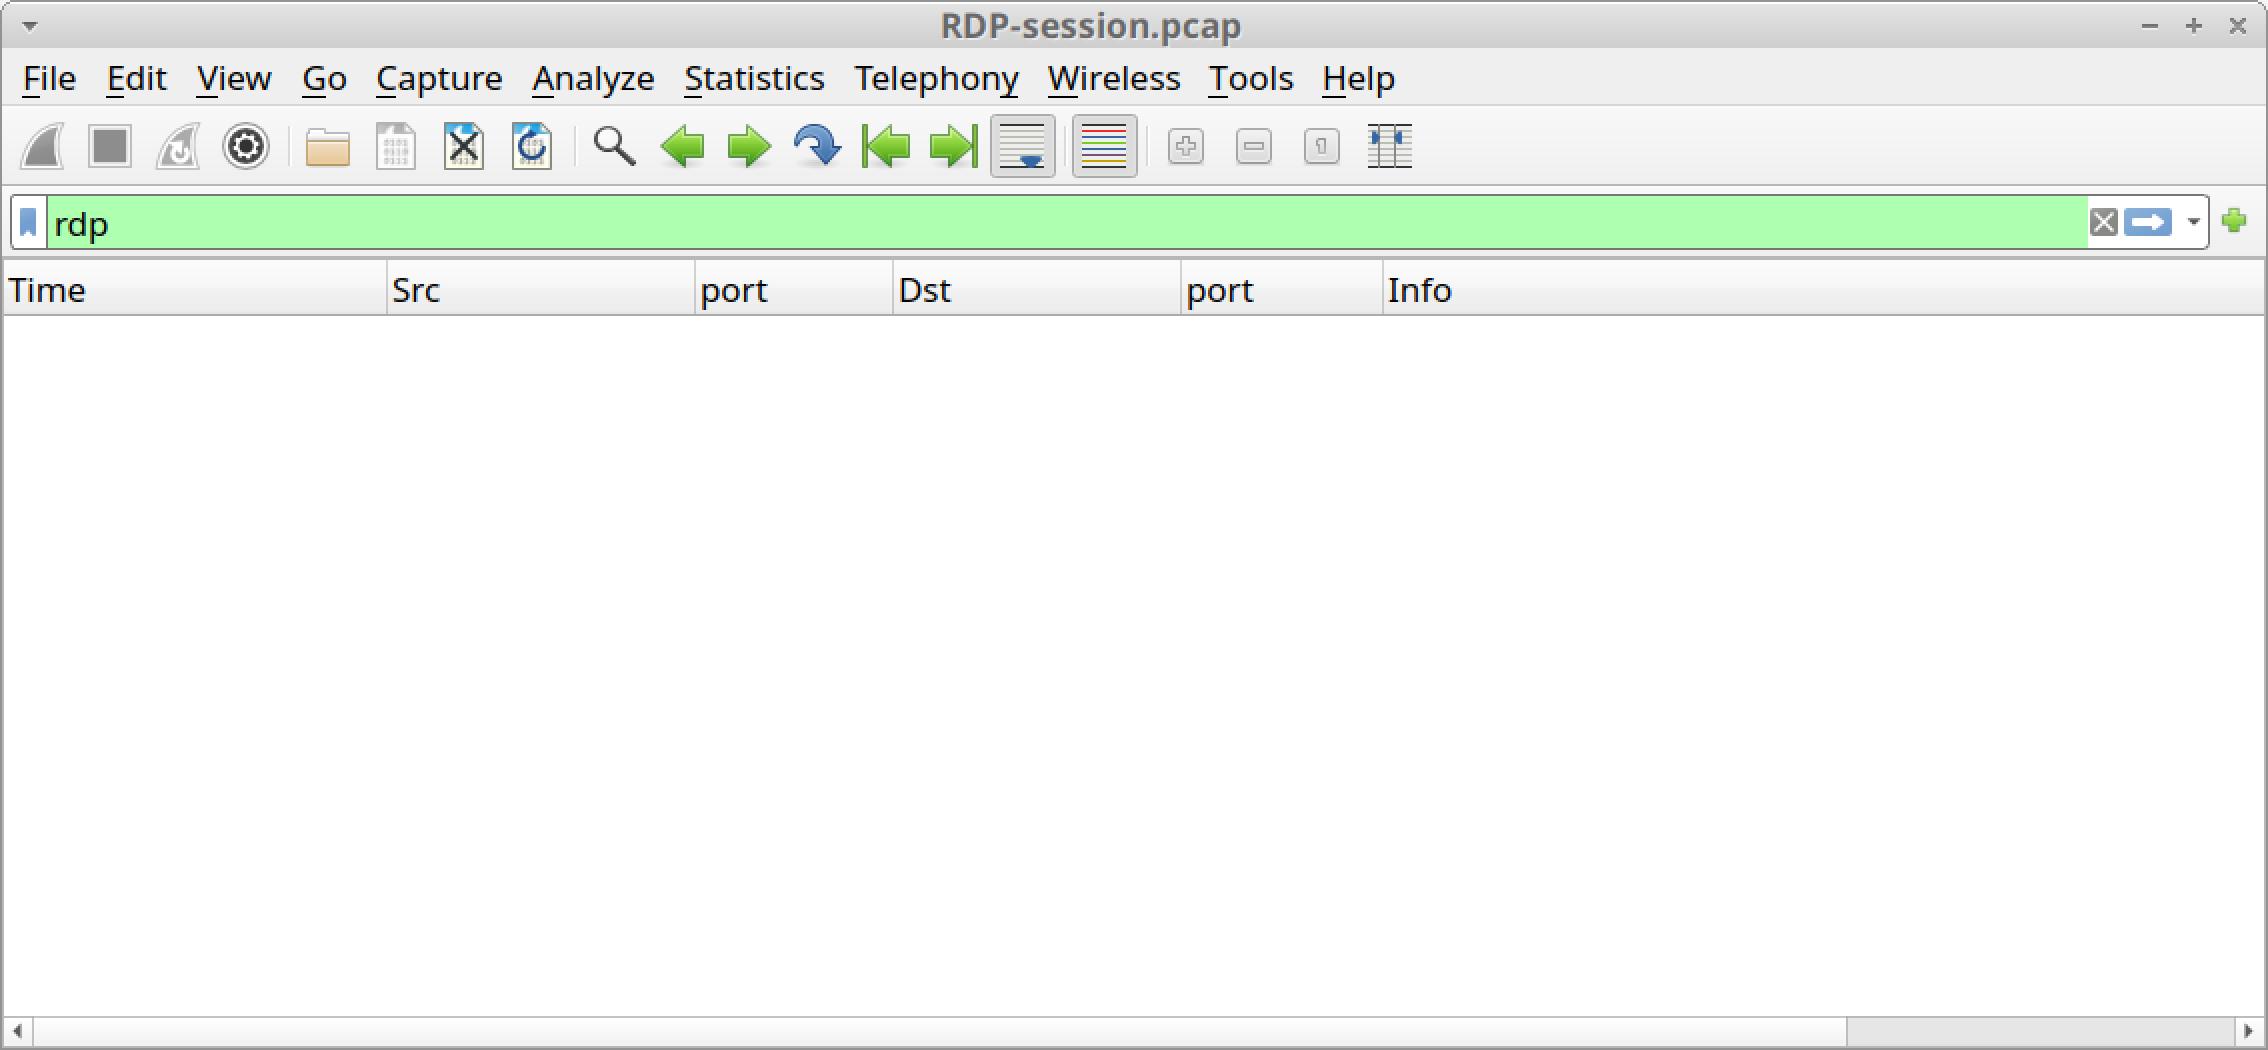 RDPトラフィックは暗号化されているのでpcapでRDPをフィルタリングしても列が空白になる。